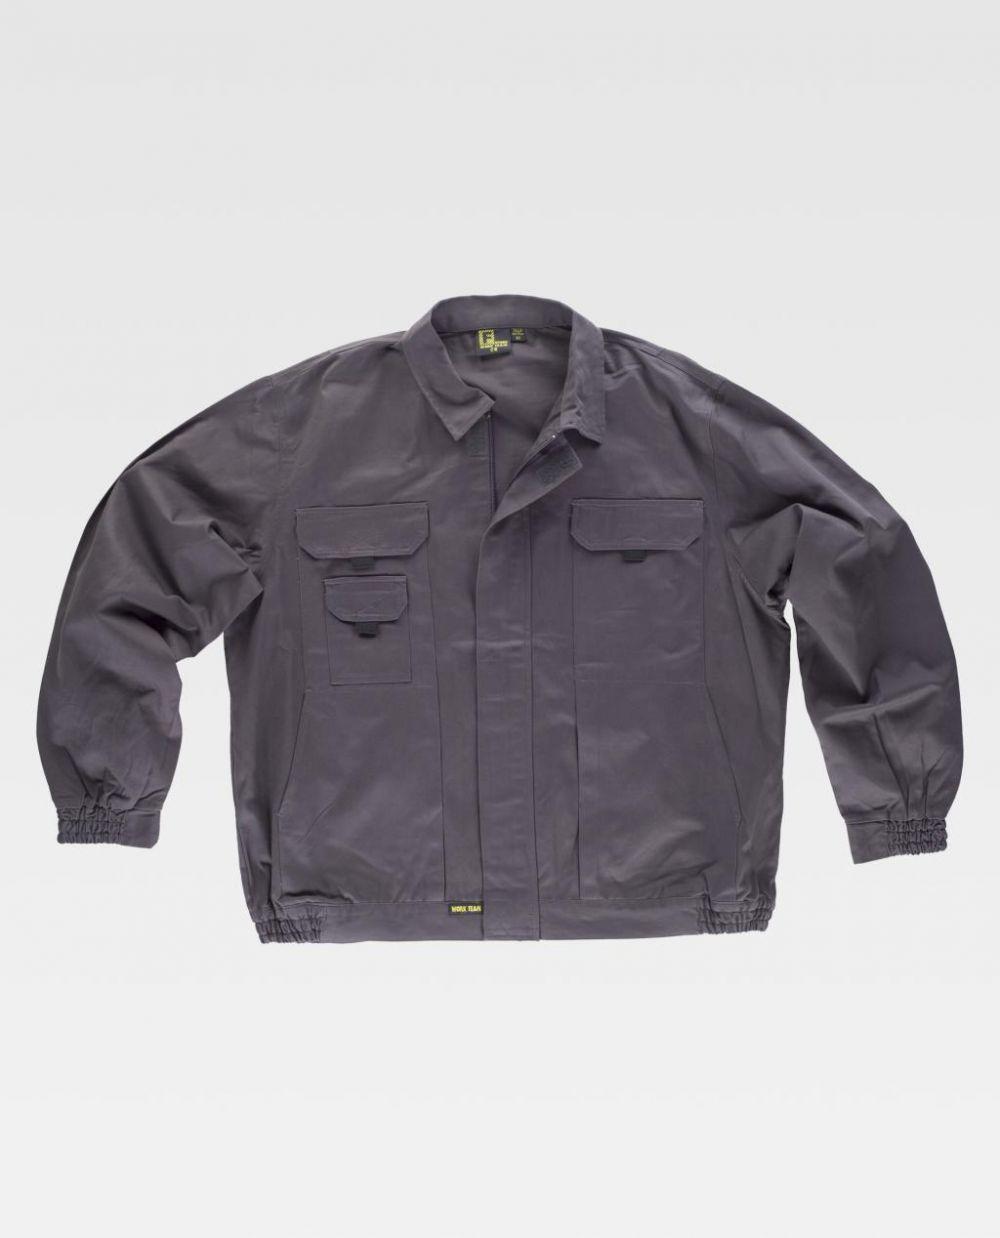 Chaquetas de trabajo workteam cazadora algodon cuello camisero de 100% algodón vista 1